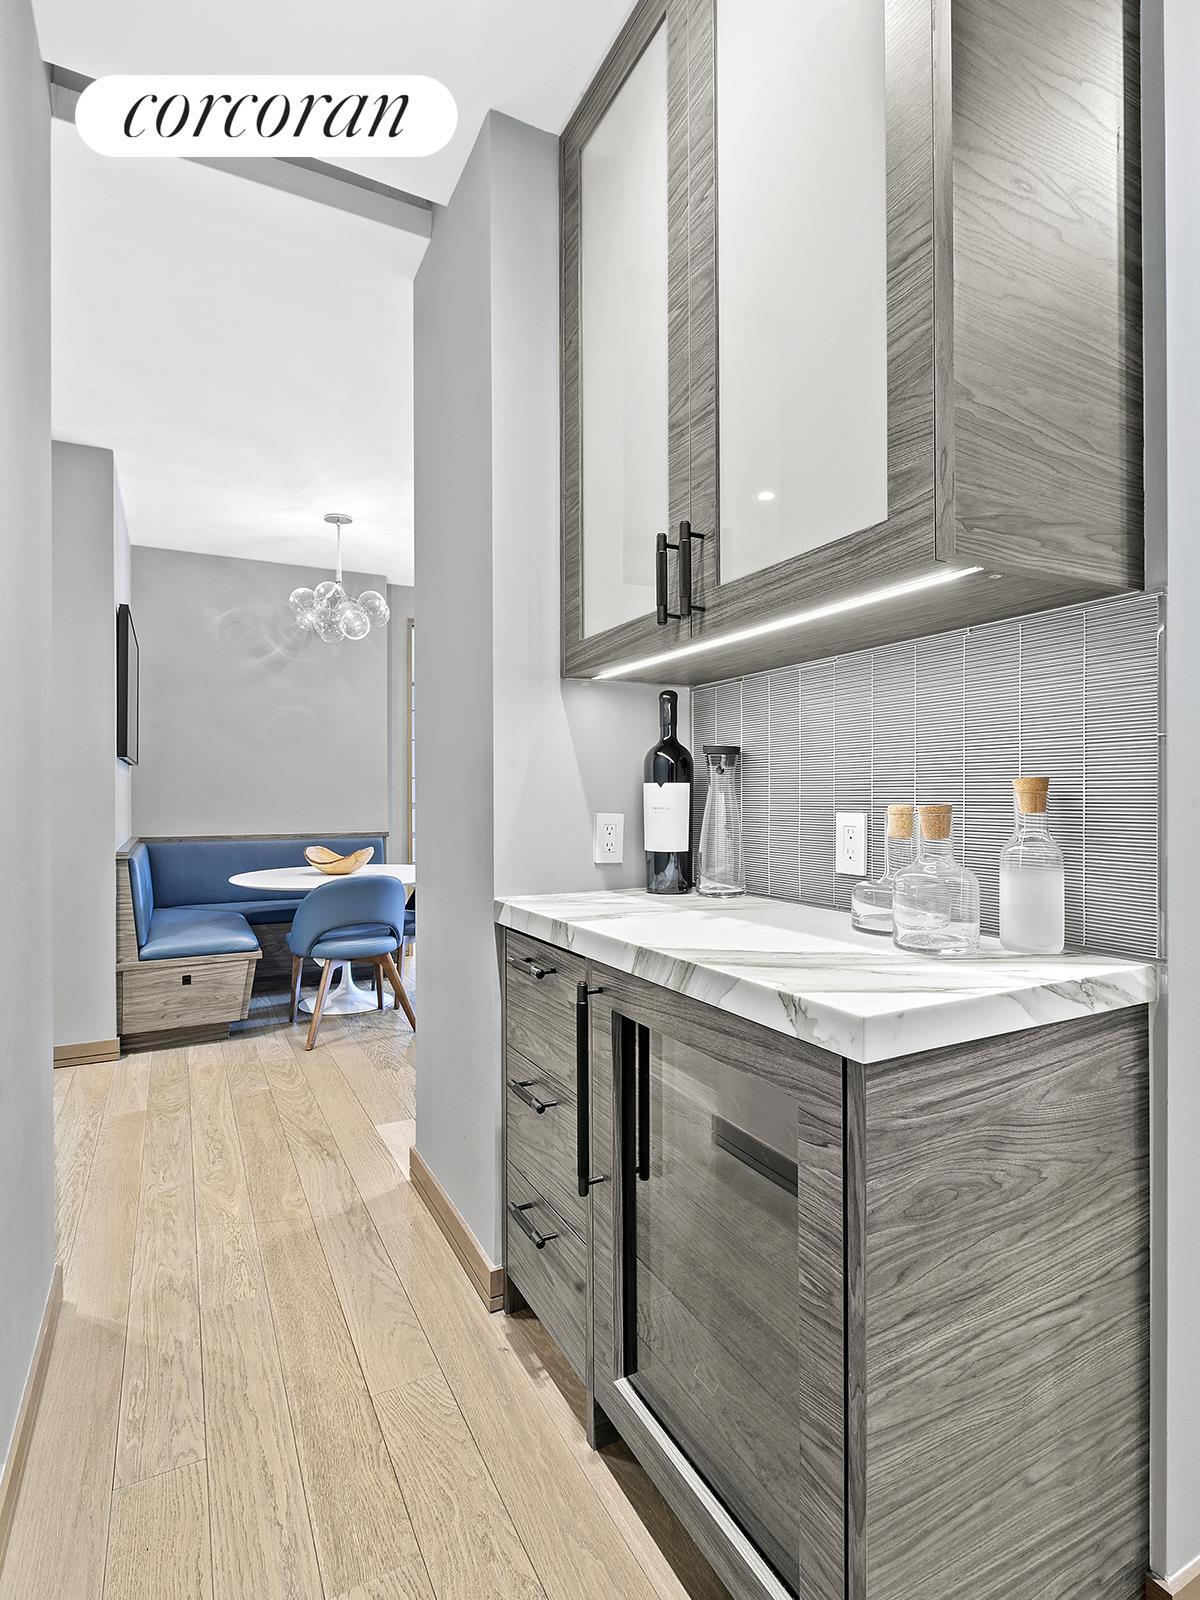 88 Lexington Avenue Kips Bay New York NY 10016